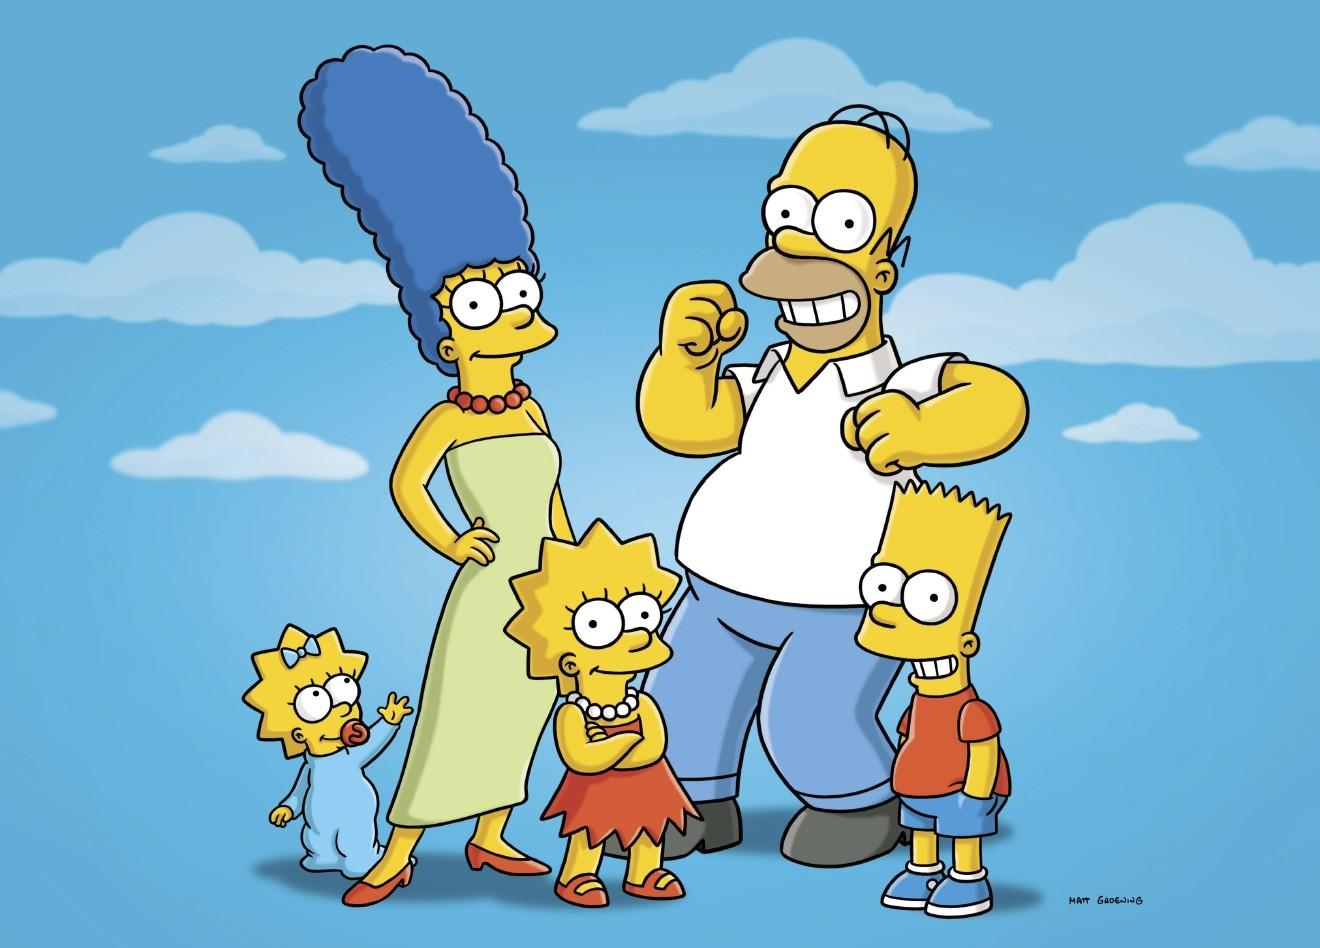 TV-Simpsons-Renewed_Bart.jpg